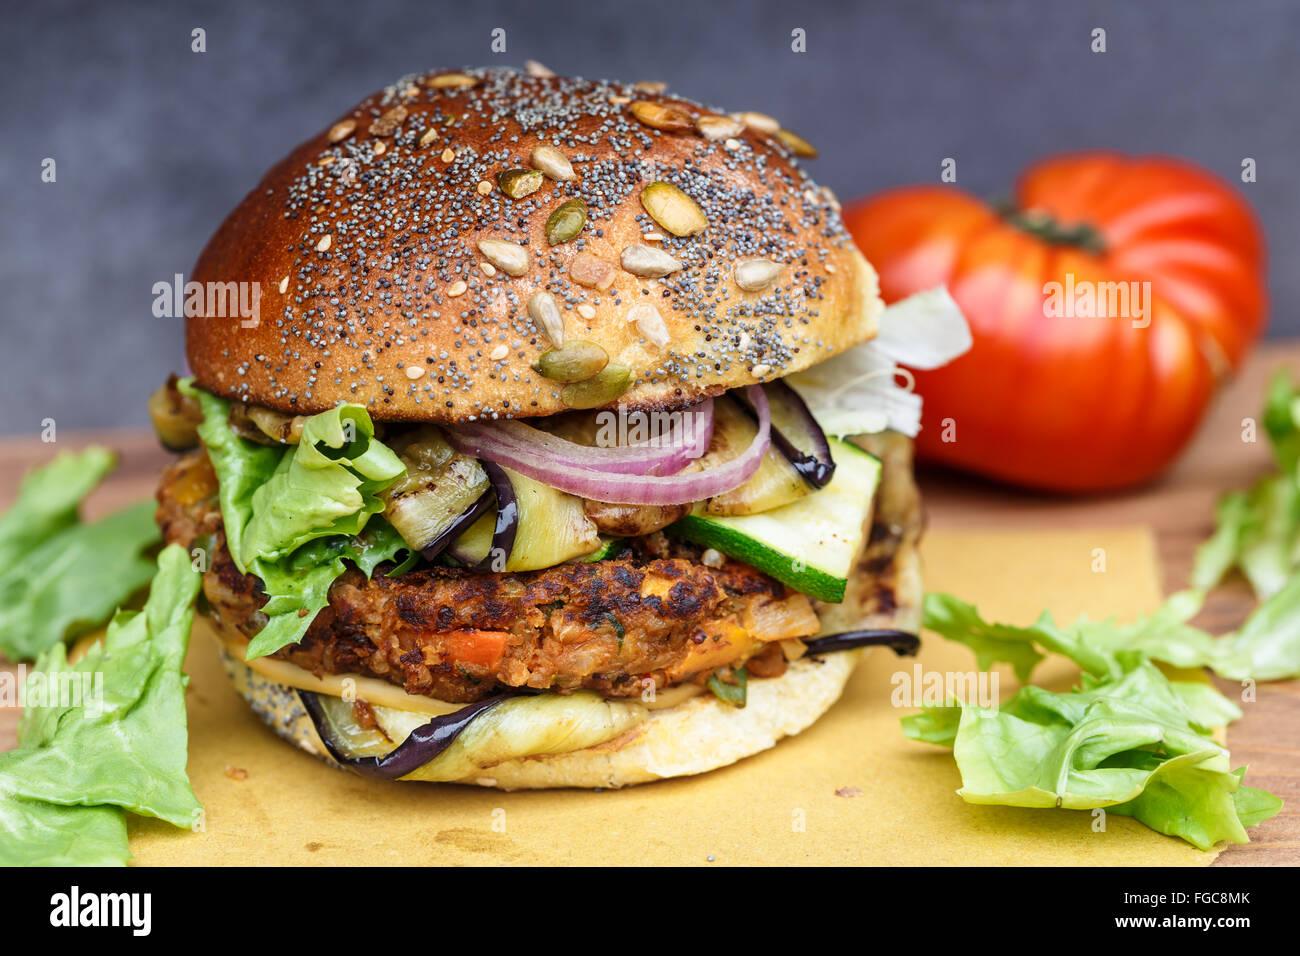 Hamburger Vegetariano con cipolla, zucchine, melanzane Immagini Stock